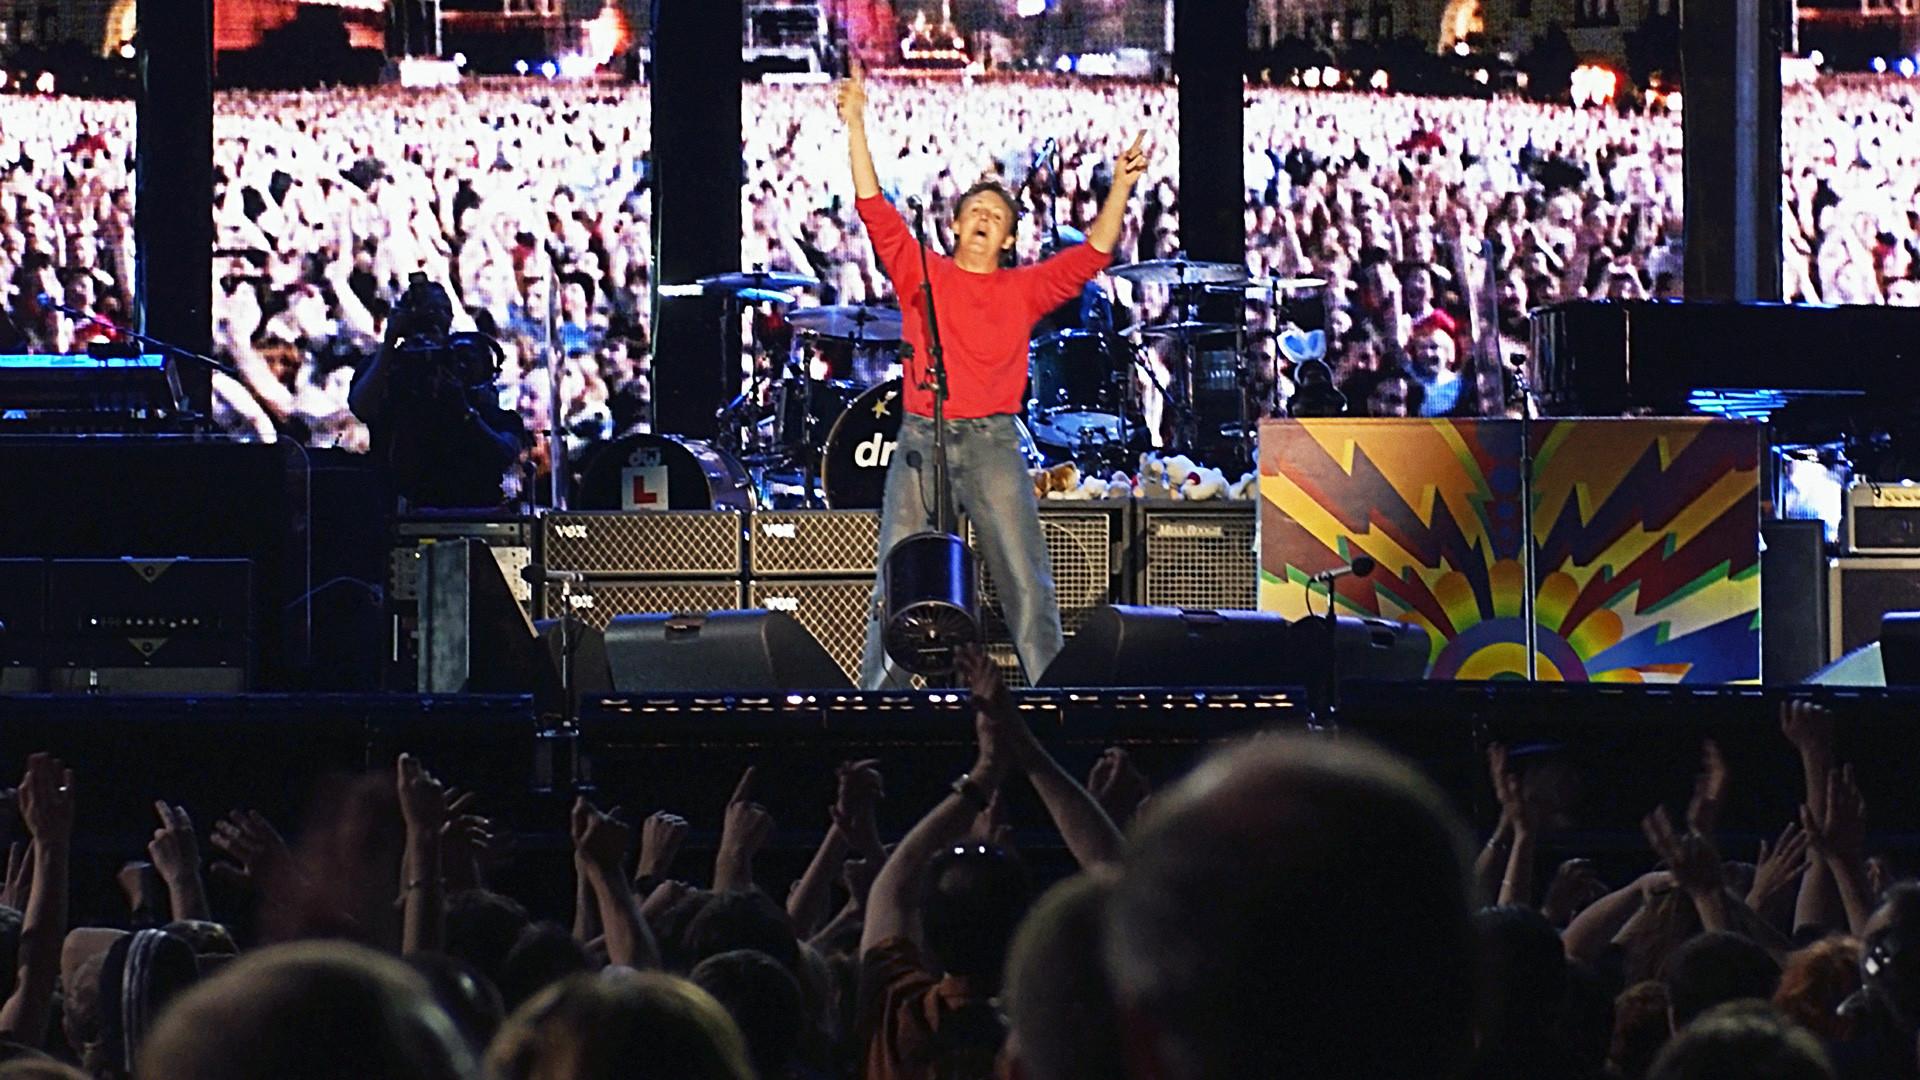 Prvi nastup Paula McCartneyja na moskovskom Crvenom trgu u njegovoj 40-godišnjoj karijeri 2003. godine.